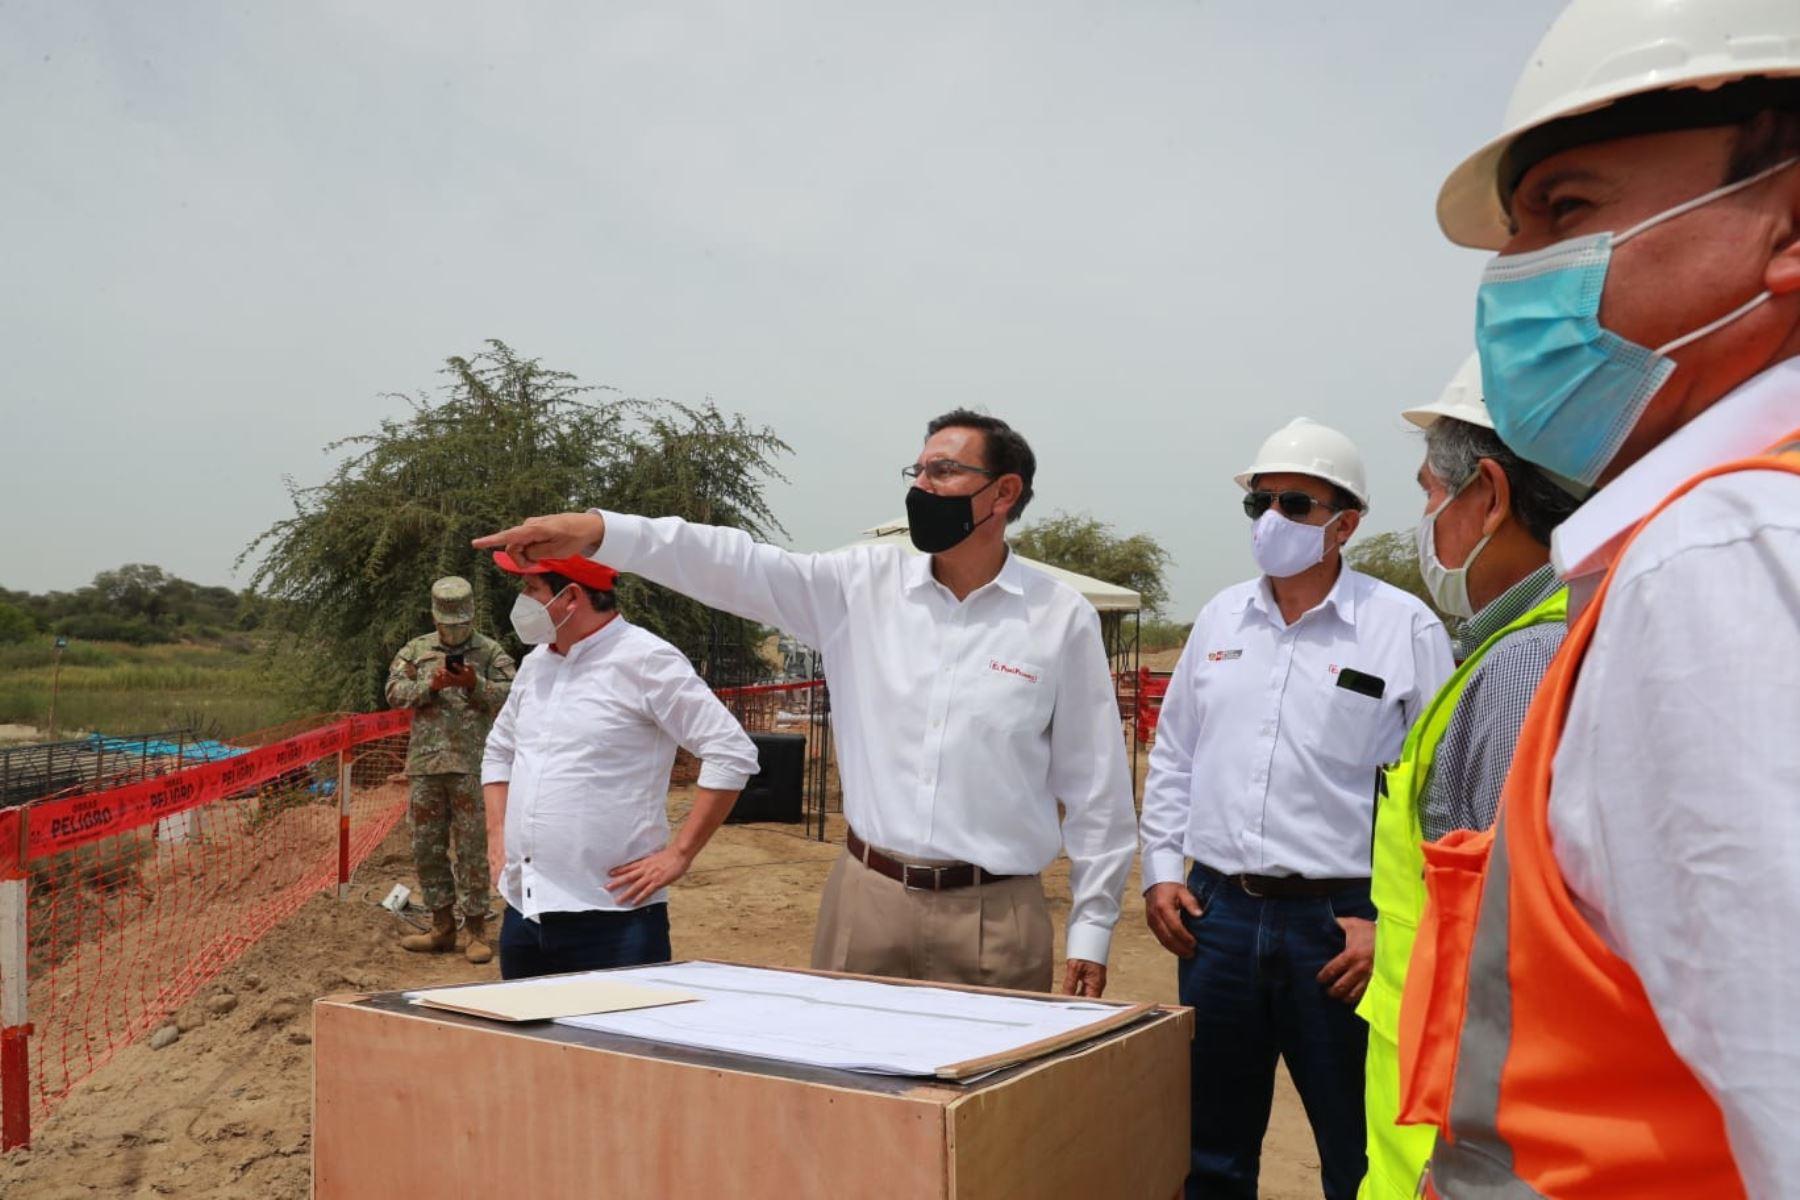 El presidente Martin Vizcarra, supervisa el avance de obras del Puente Grau de Piura, infraestructura de moderno diseño que asegura el tránsito vehicular y el traslado de productos agrícolas a los mercados, incluso durante la temporada de lluvias.